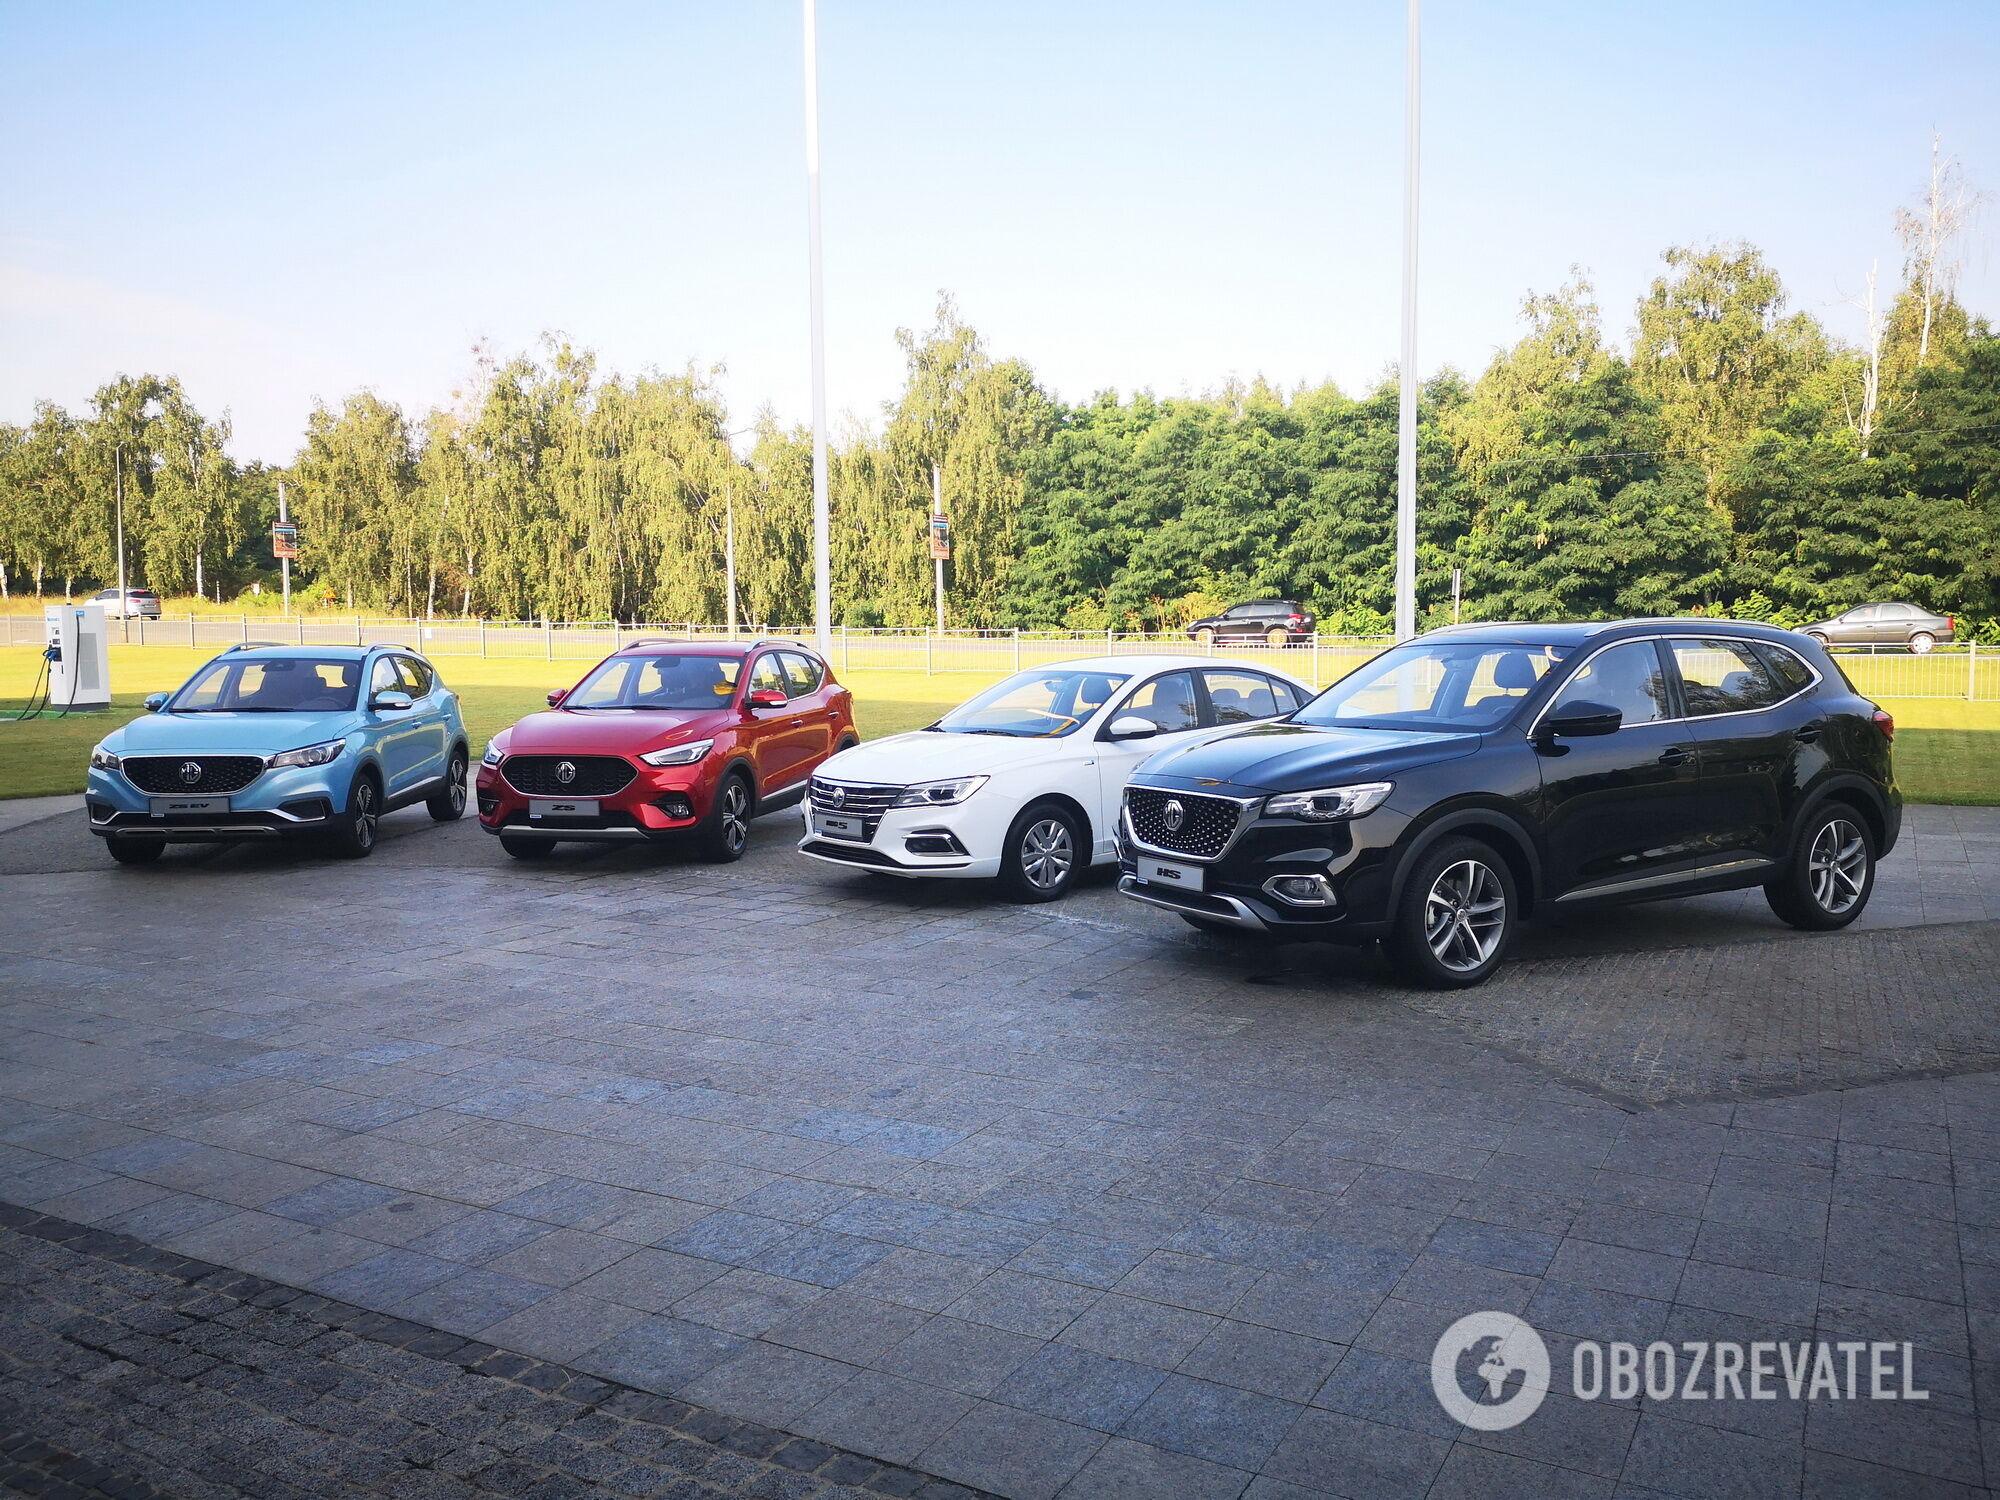 На сегодняшний день в Украину уже прибыли 4 из 5 моделей, которые будут предложены отечественным покупателям